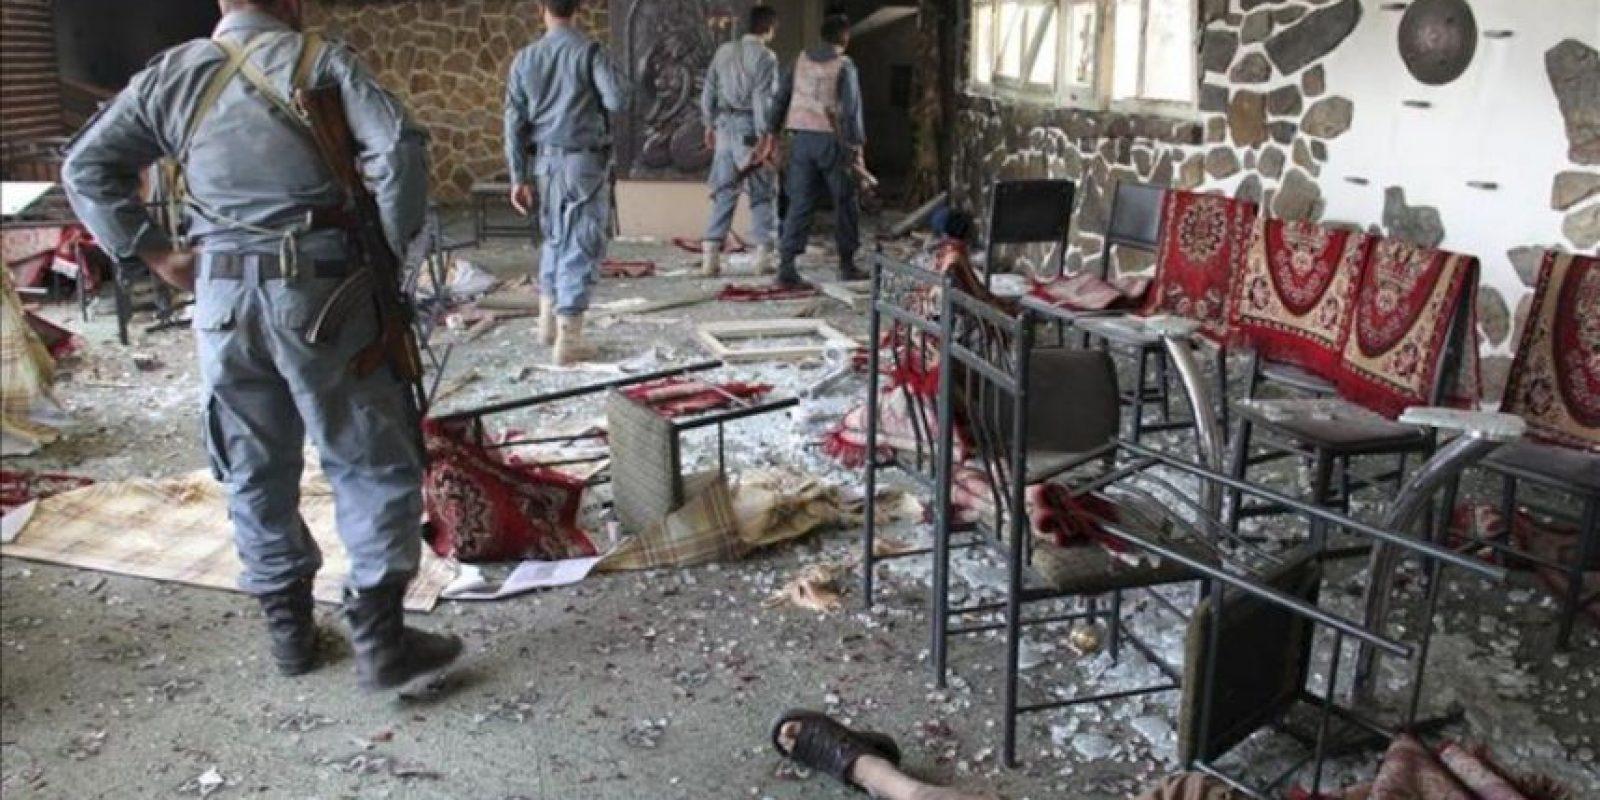 Soldados afganos inspeccionan el hotel Spozmai donde al menos 26 personas han fallecido, durante un ataque suicida en un hotel situado a las afueras de Kabul, Afganistán, hoy viernes 22 de junio. EFE